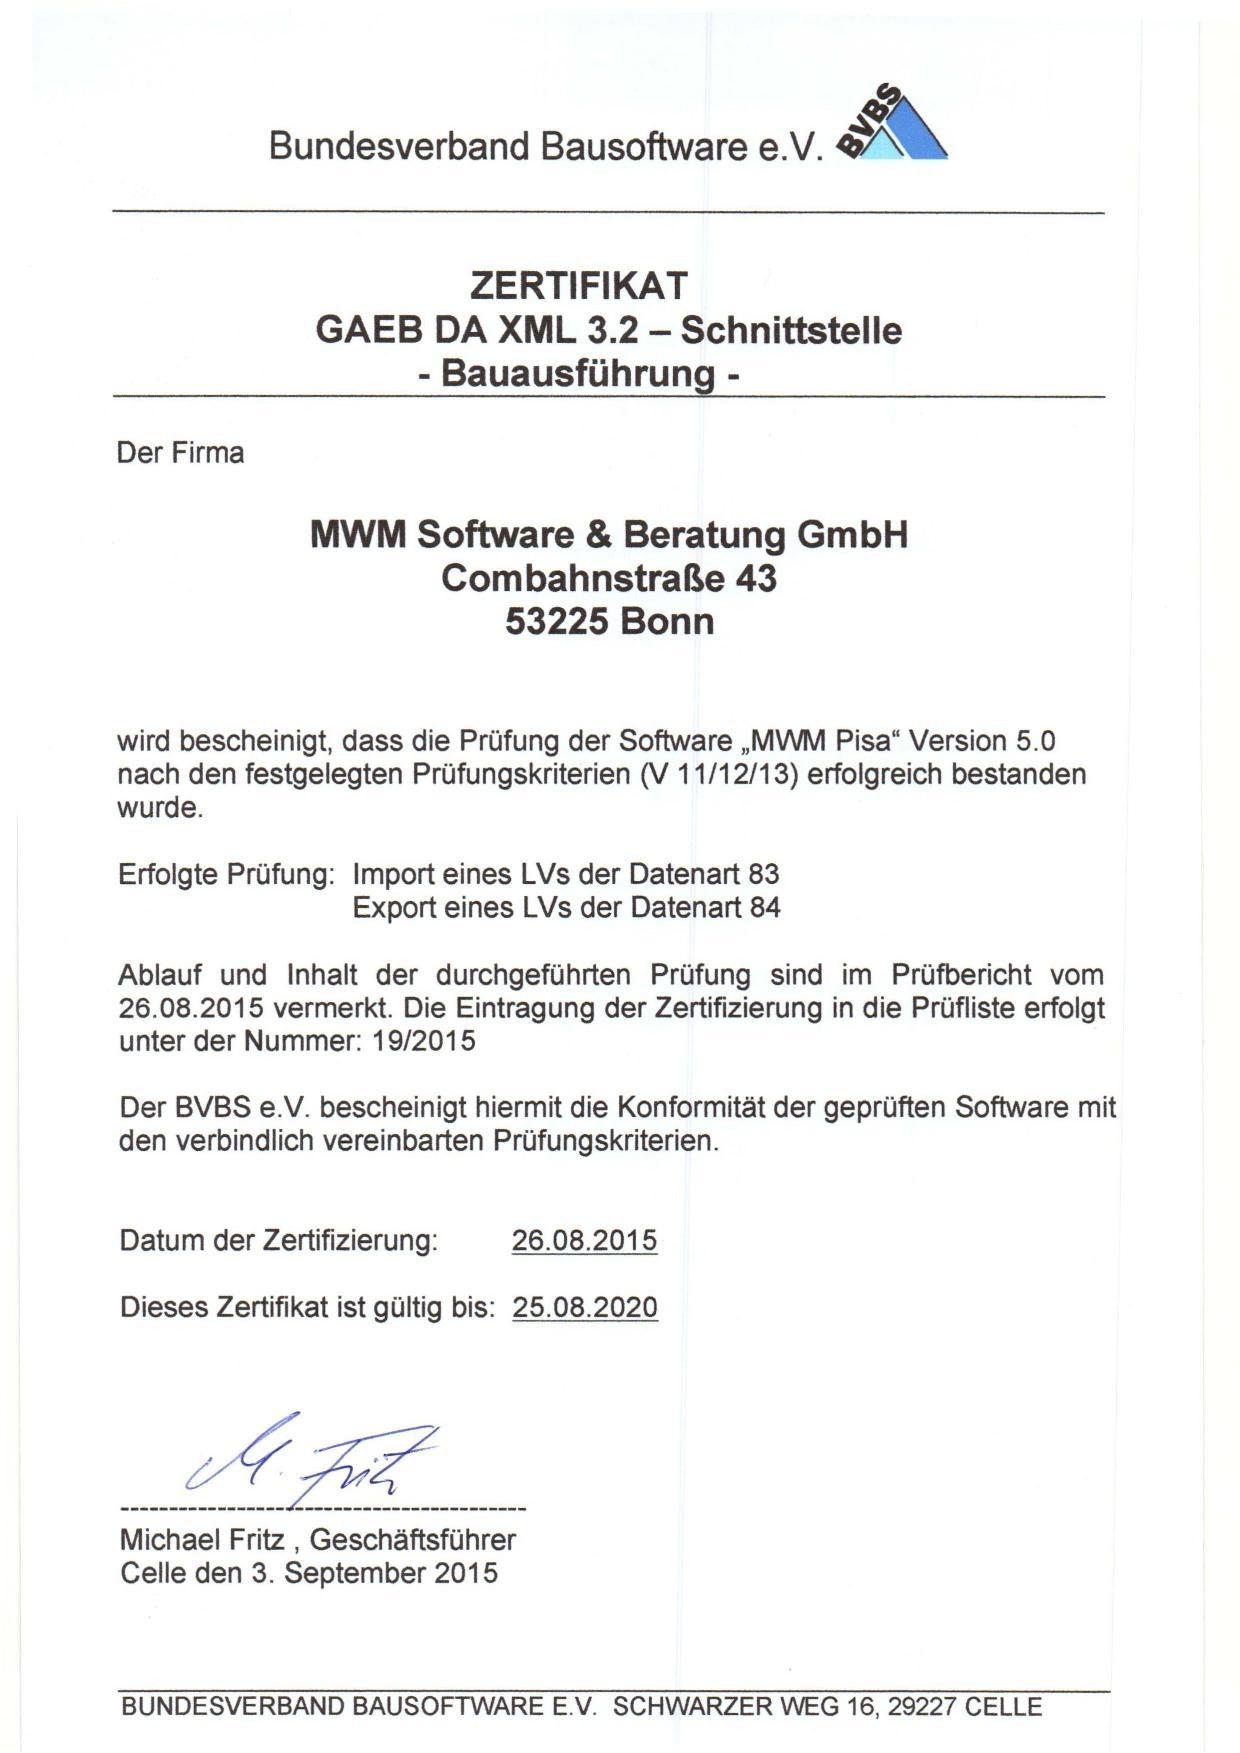 GAEB-Zertifizierungsurkunde MWM-Pisa 5